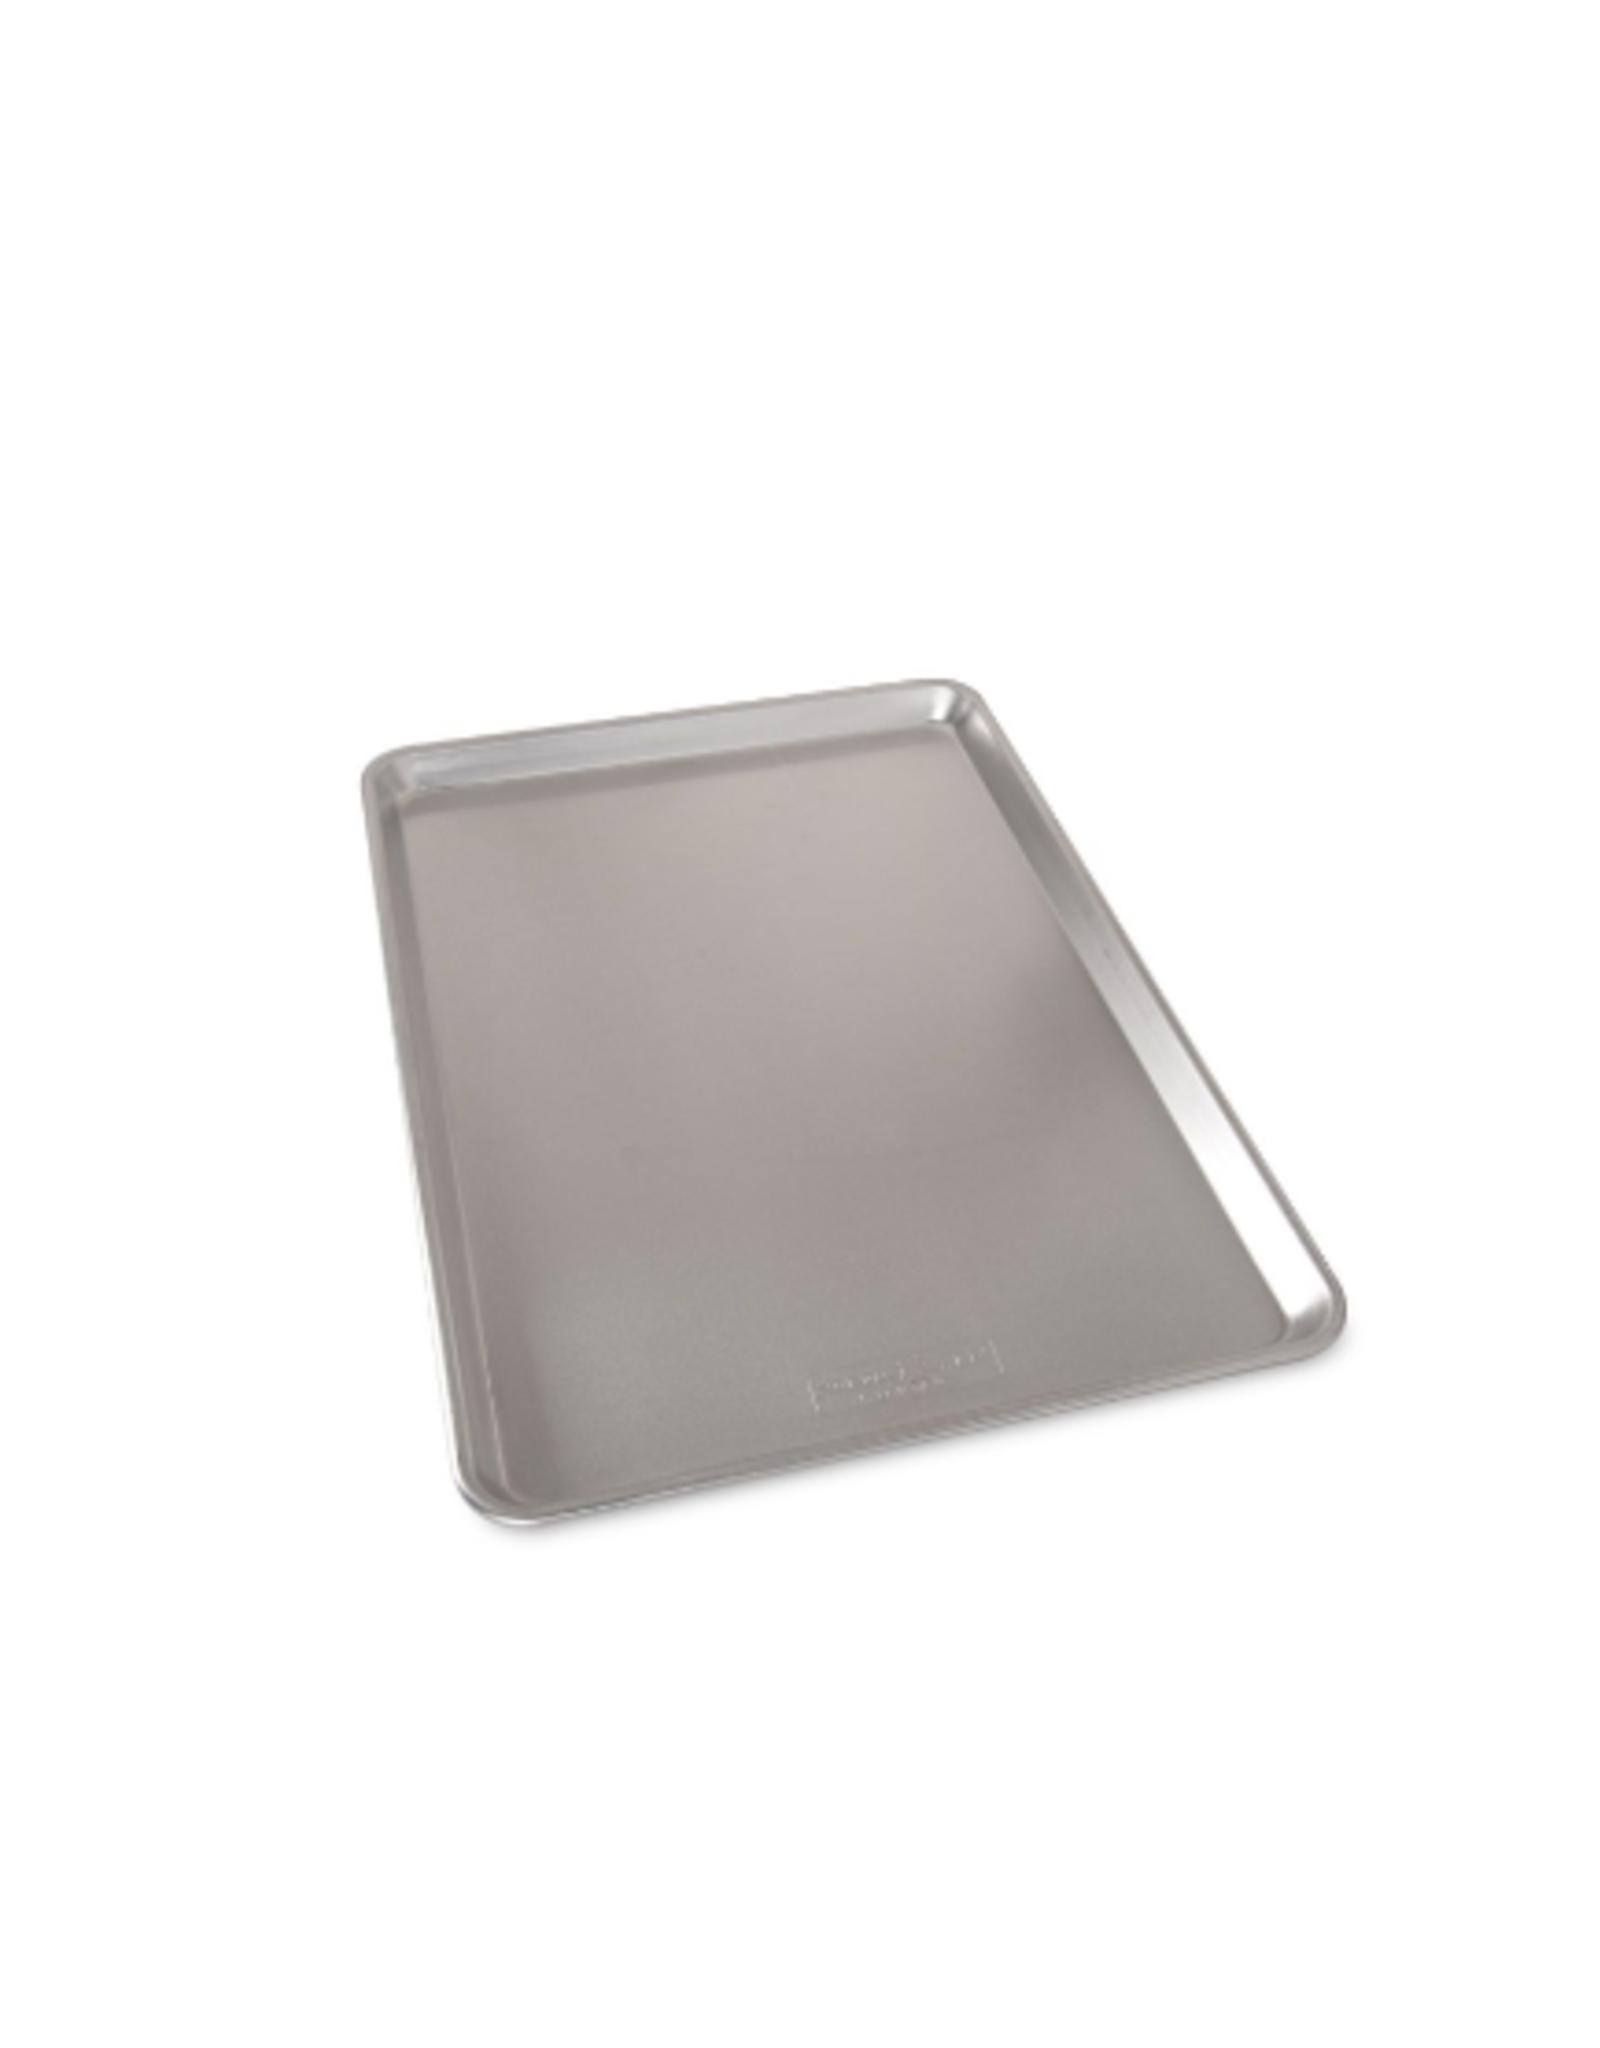 Nordicware The Big Sheet Pan, 21x15x1